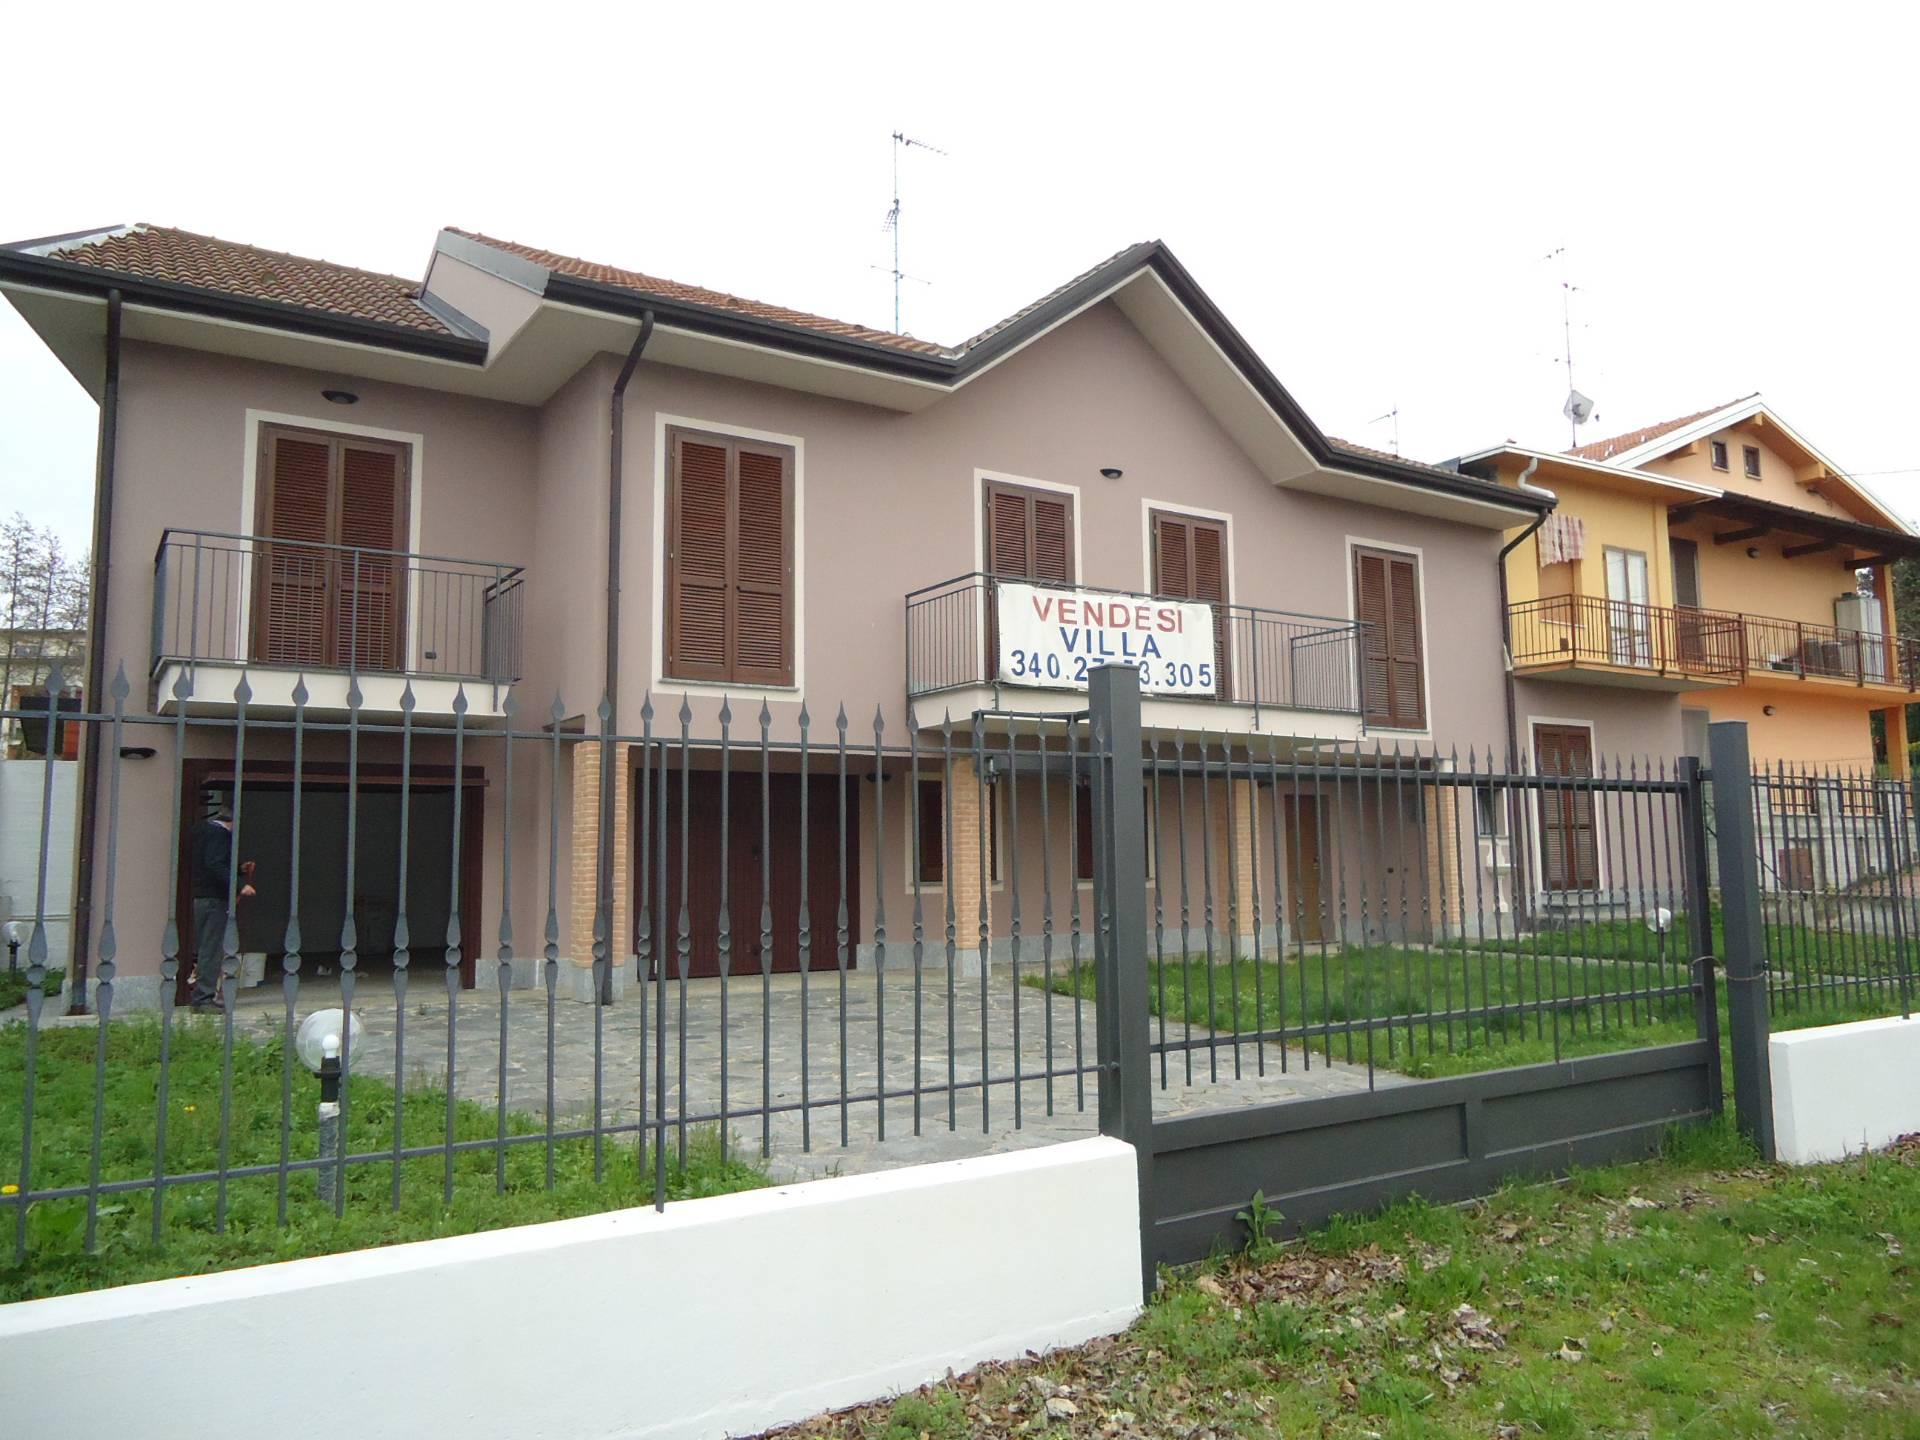 Villa in vendita a Solbiate Arno, 5 locali, prezzo € 305.000 | CambioCasa.it